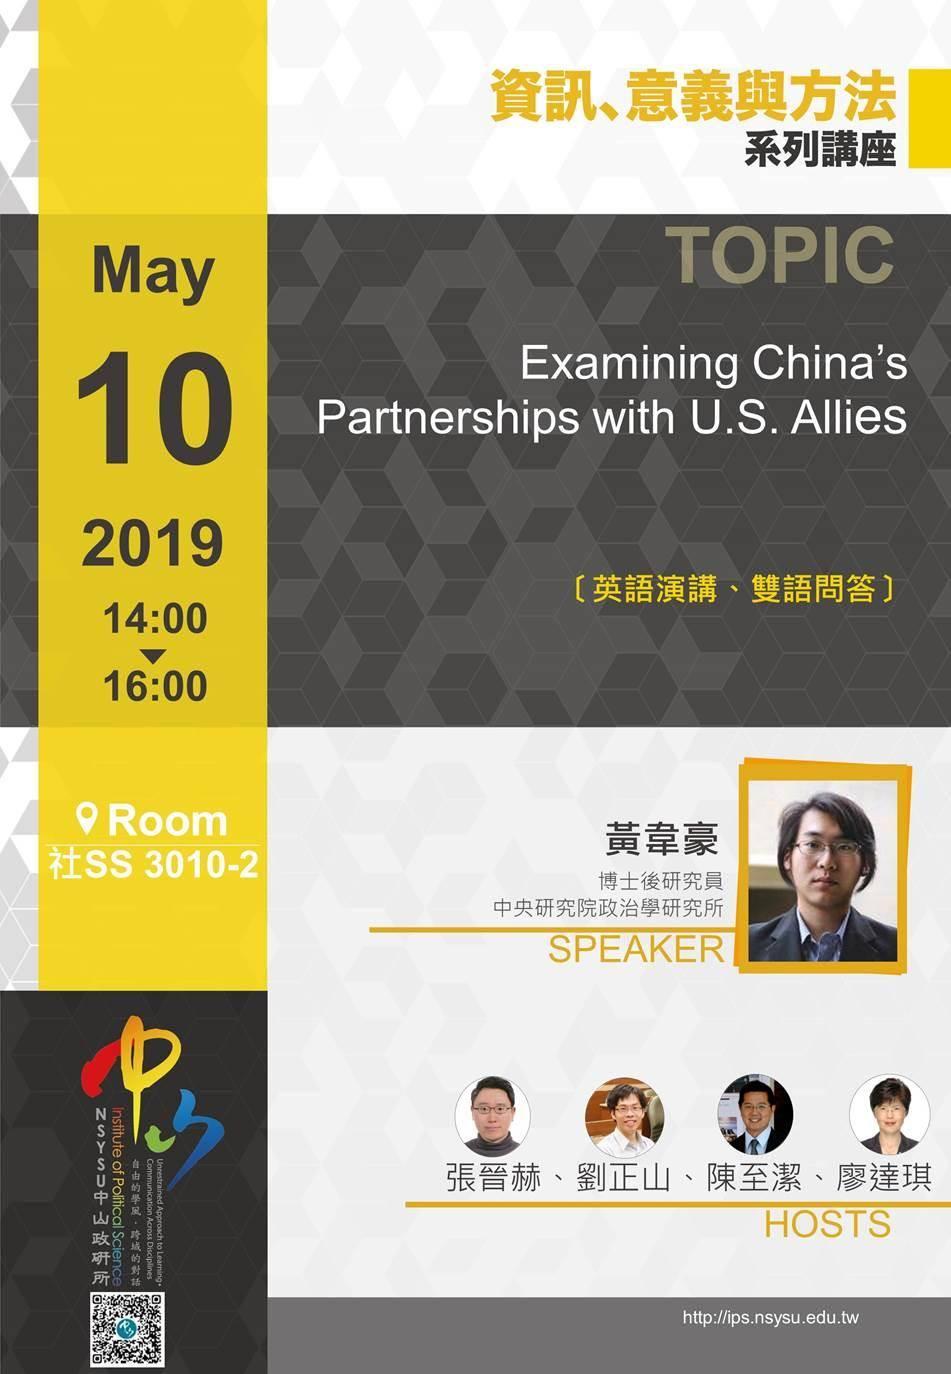 黃韋豪:檢視中國與美國盟邦的夥伴關係